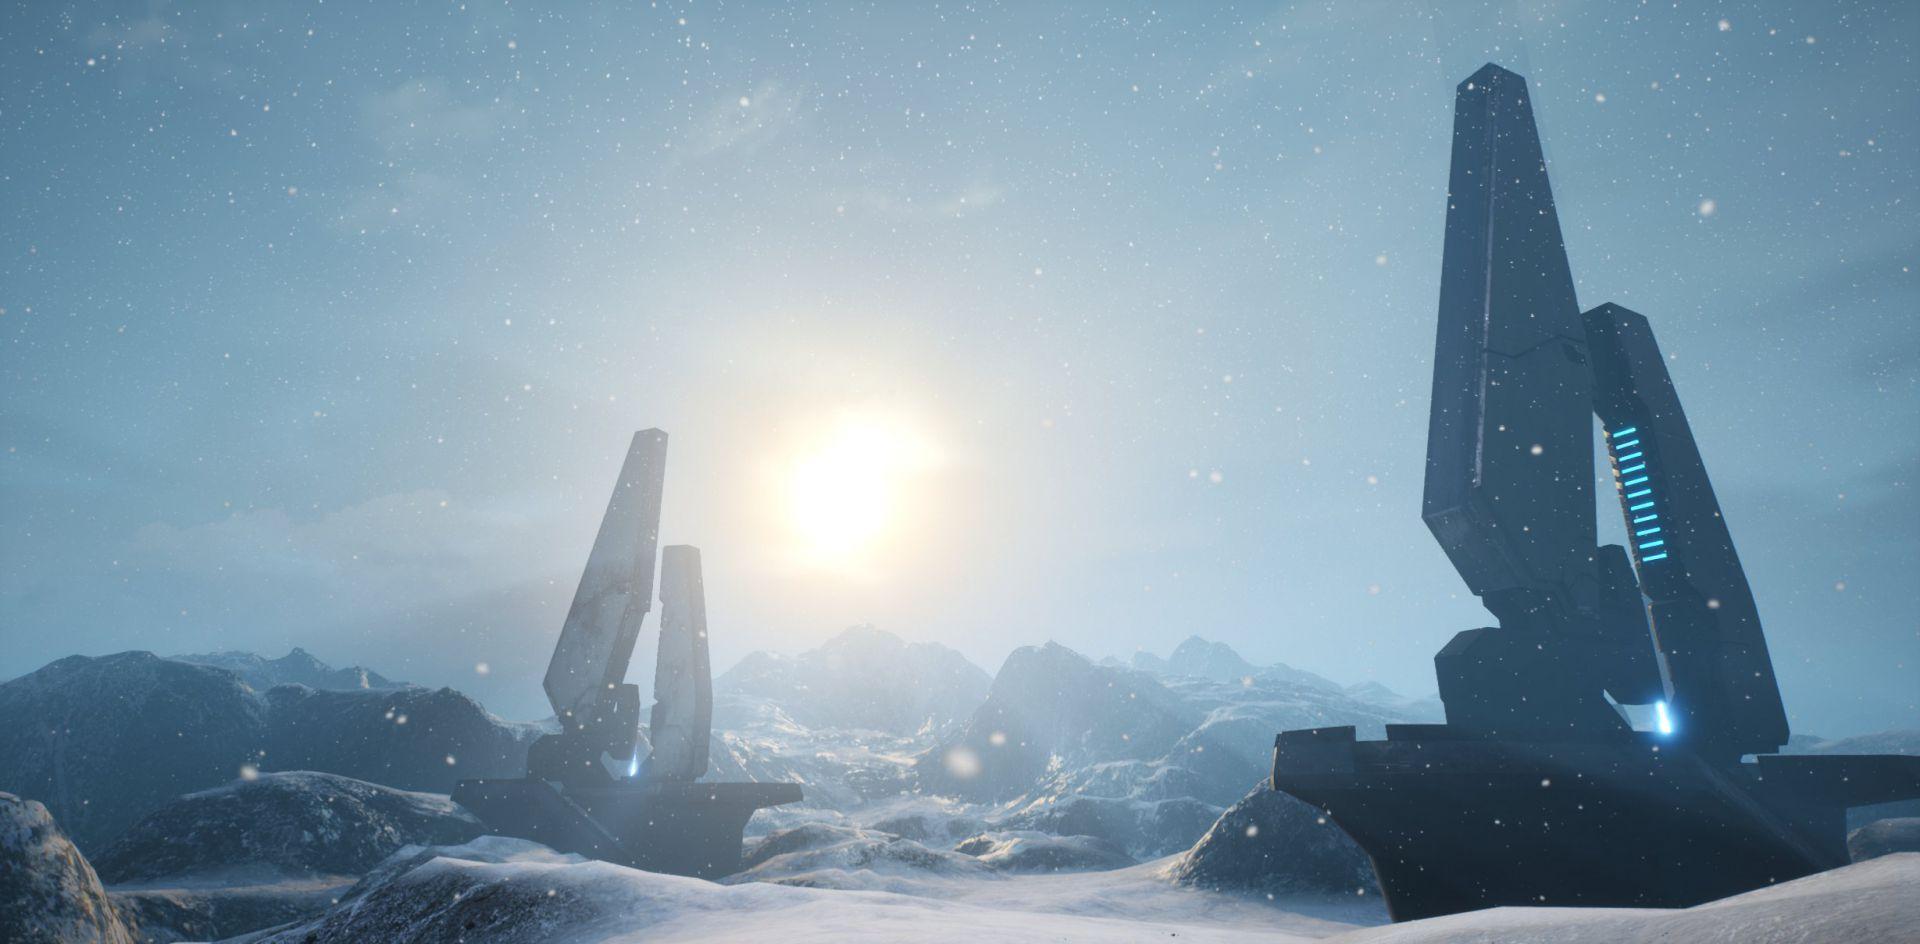 El creador de Halo Unreal muestra como su proyecto hace uso del ciclo de día y noche en diferentes biomas